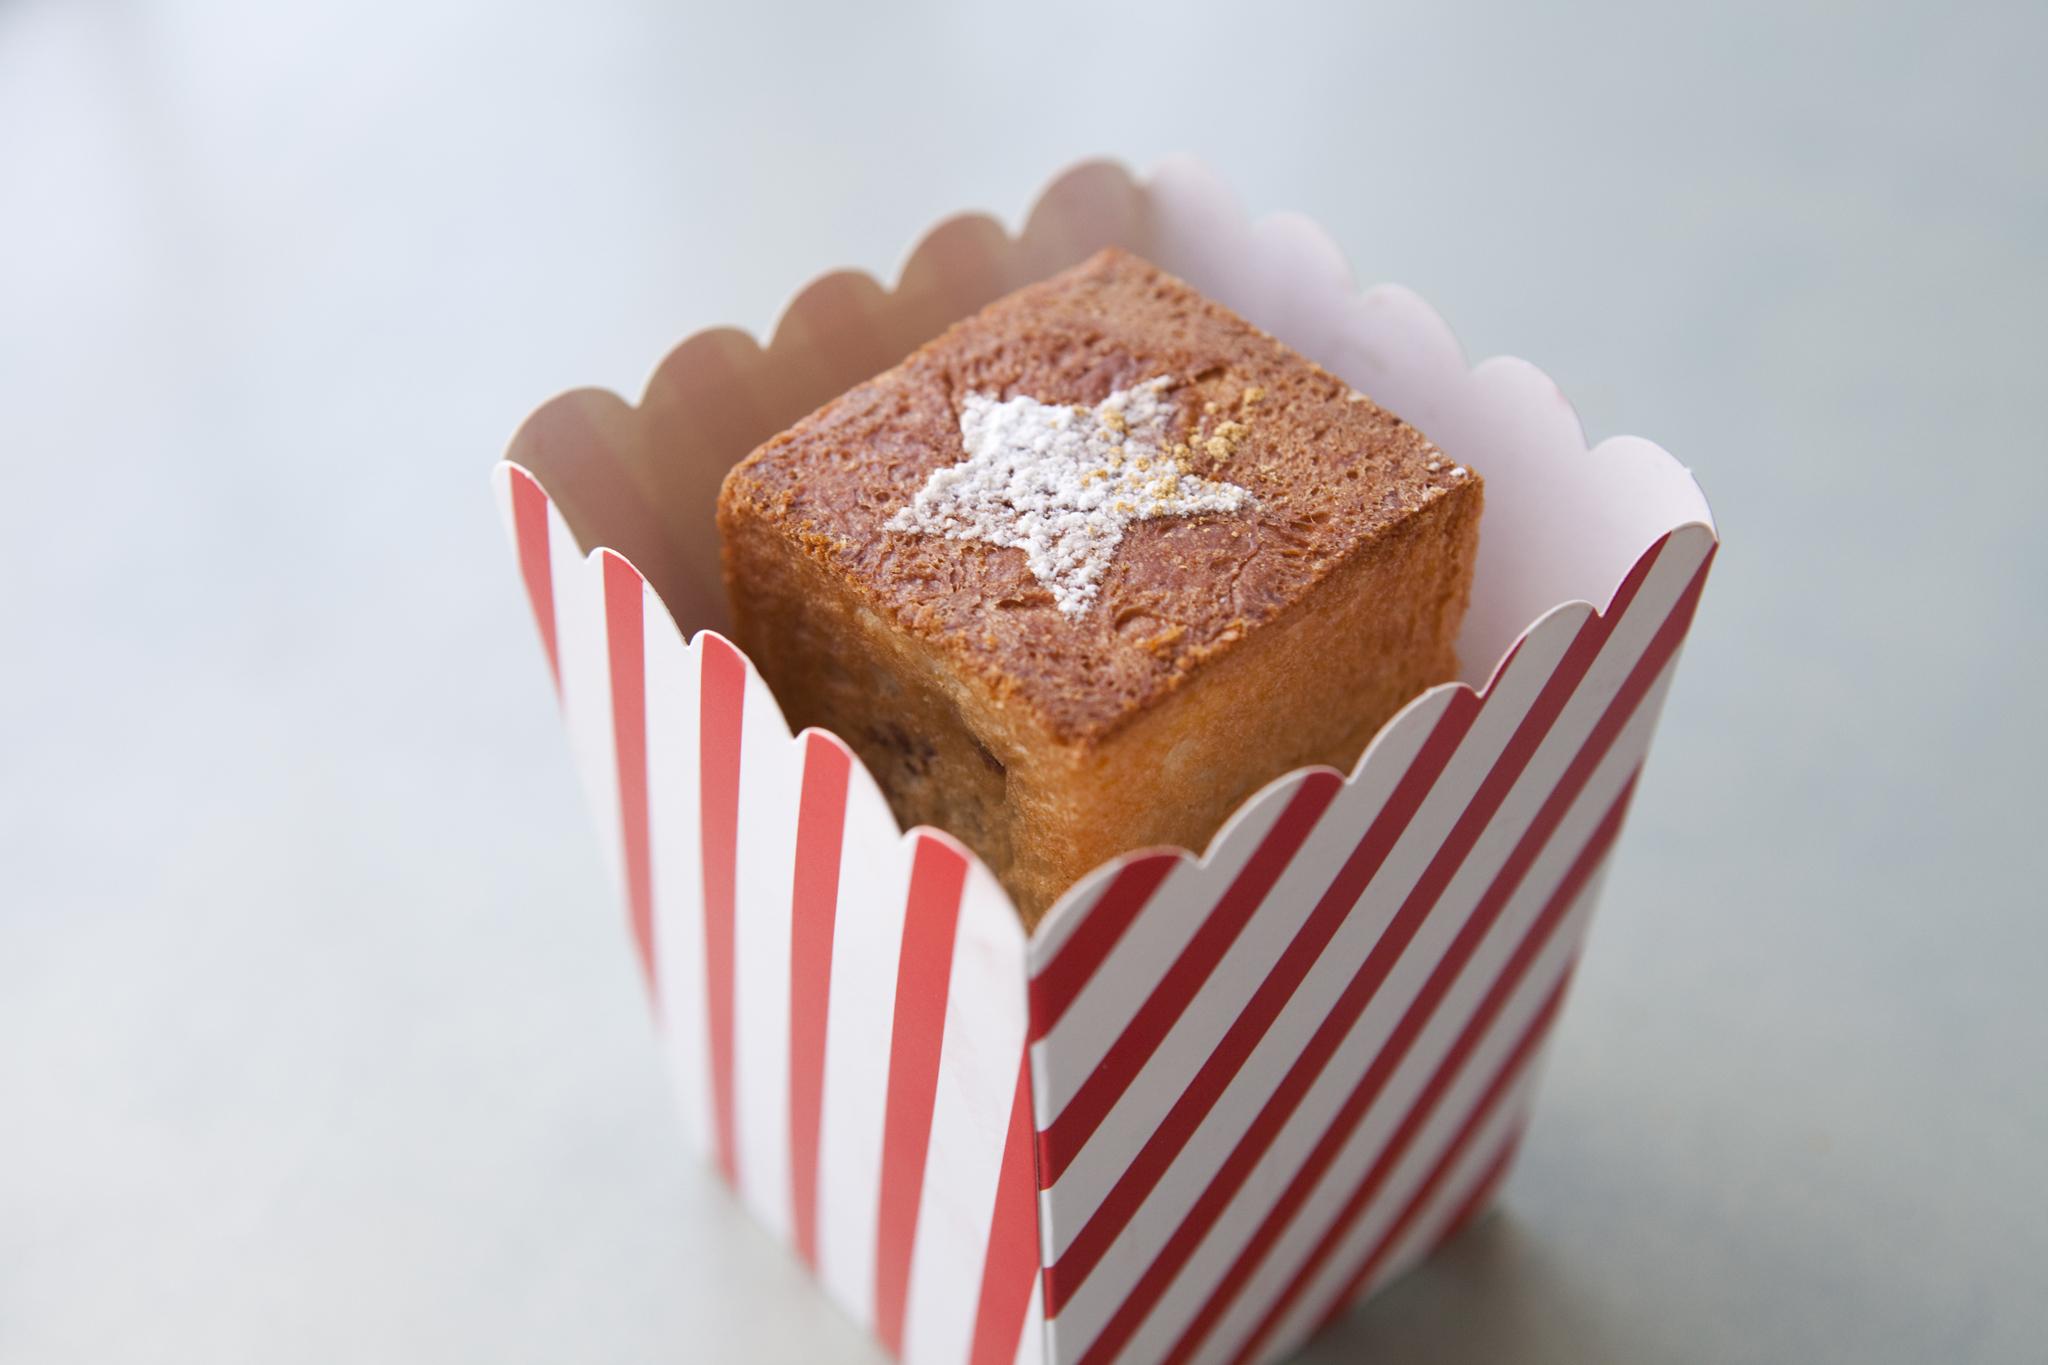 Best follow-up hit: Dominique Ansel Bakery magic soufflé